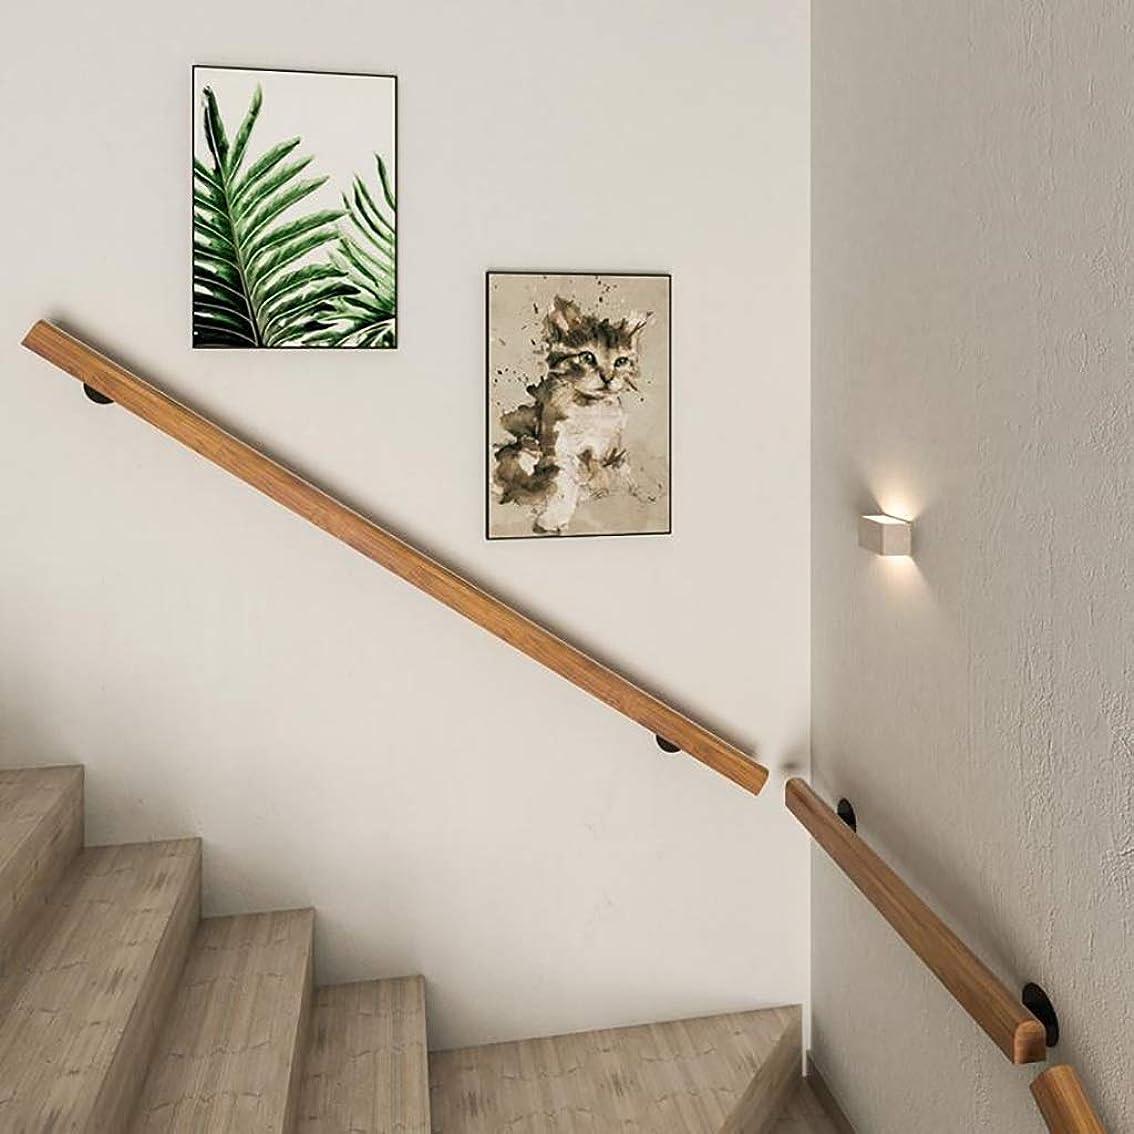 政治重要性雪だるま手すり 障害者、高齢者や子供のために適した屋内と屋外のヨーロピアンスタイルの木製の壁階段の手すり、壁の手すり、階段の手すり、オプションのサイズ (Size : 200CM)